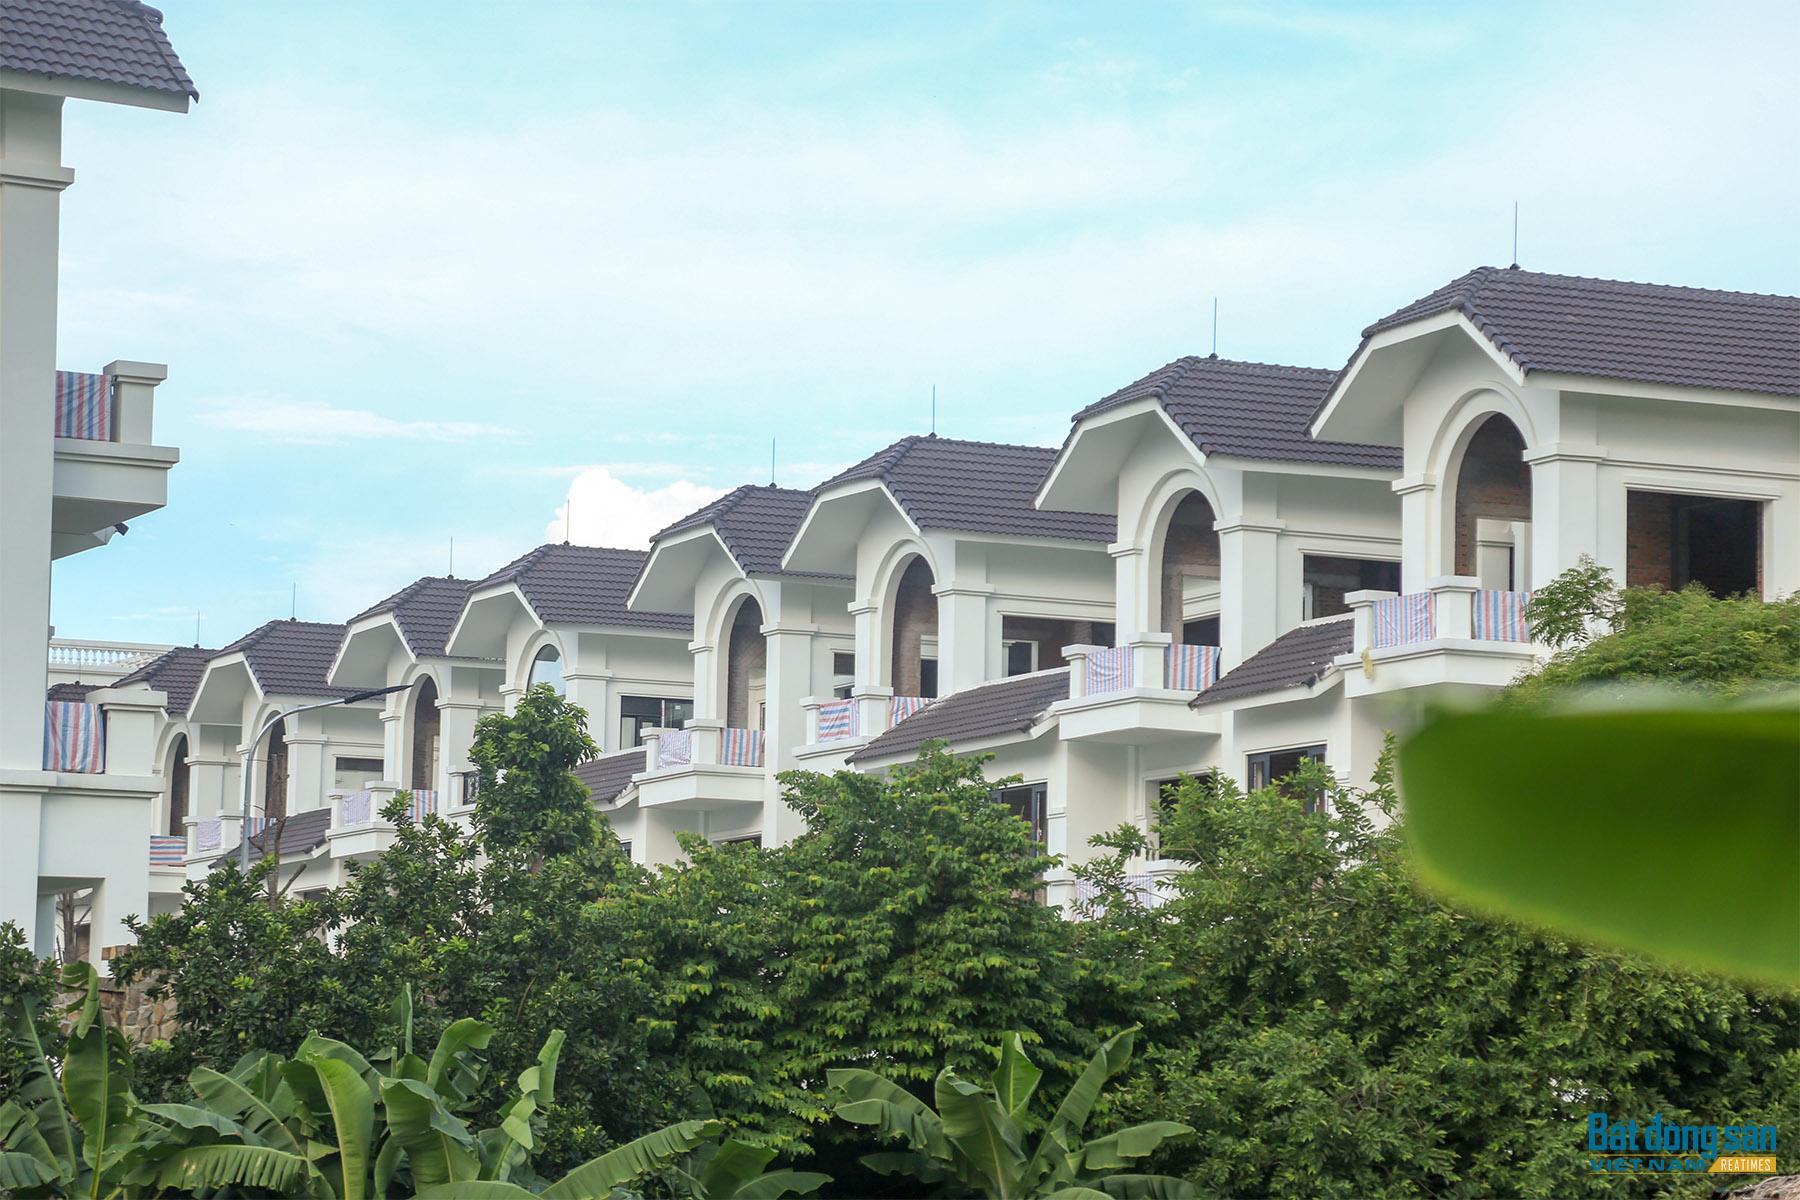 Reatimes_8.png, Dự án 44 căn biệt thự bỏ hoang, làng Đoàn kết